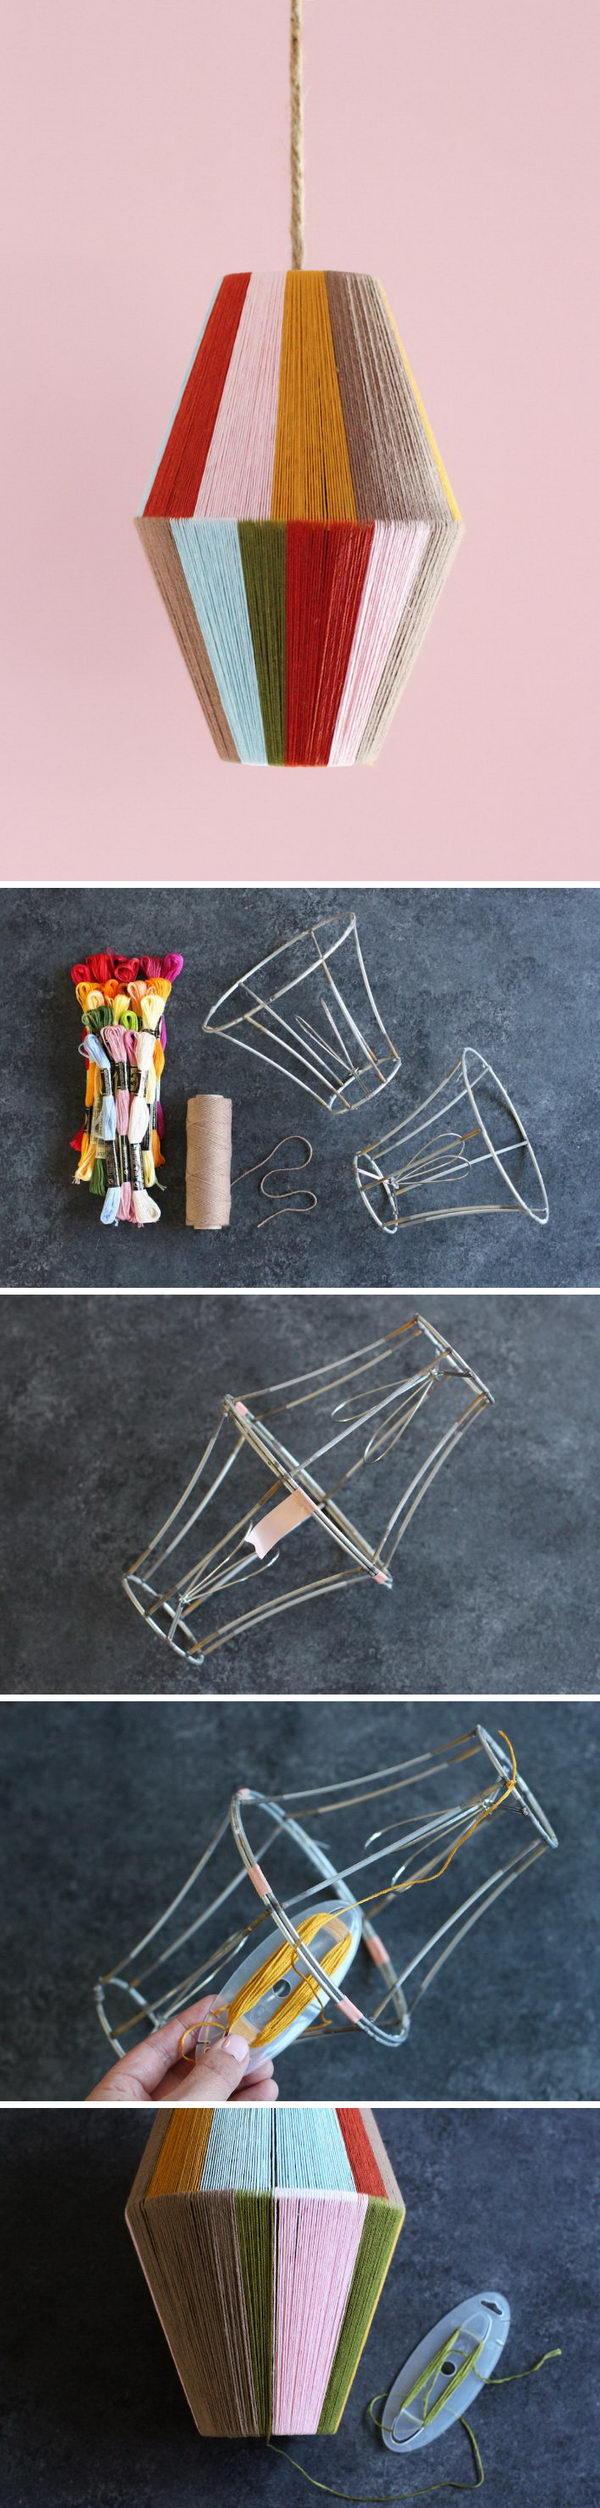 4 lamp ideas diy - 20 Easy DIY Lamp Ideas for Home Decor